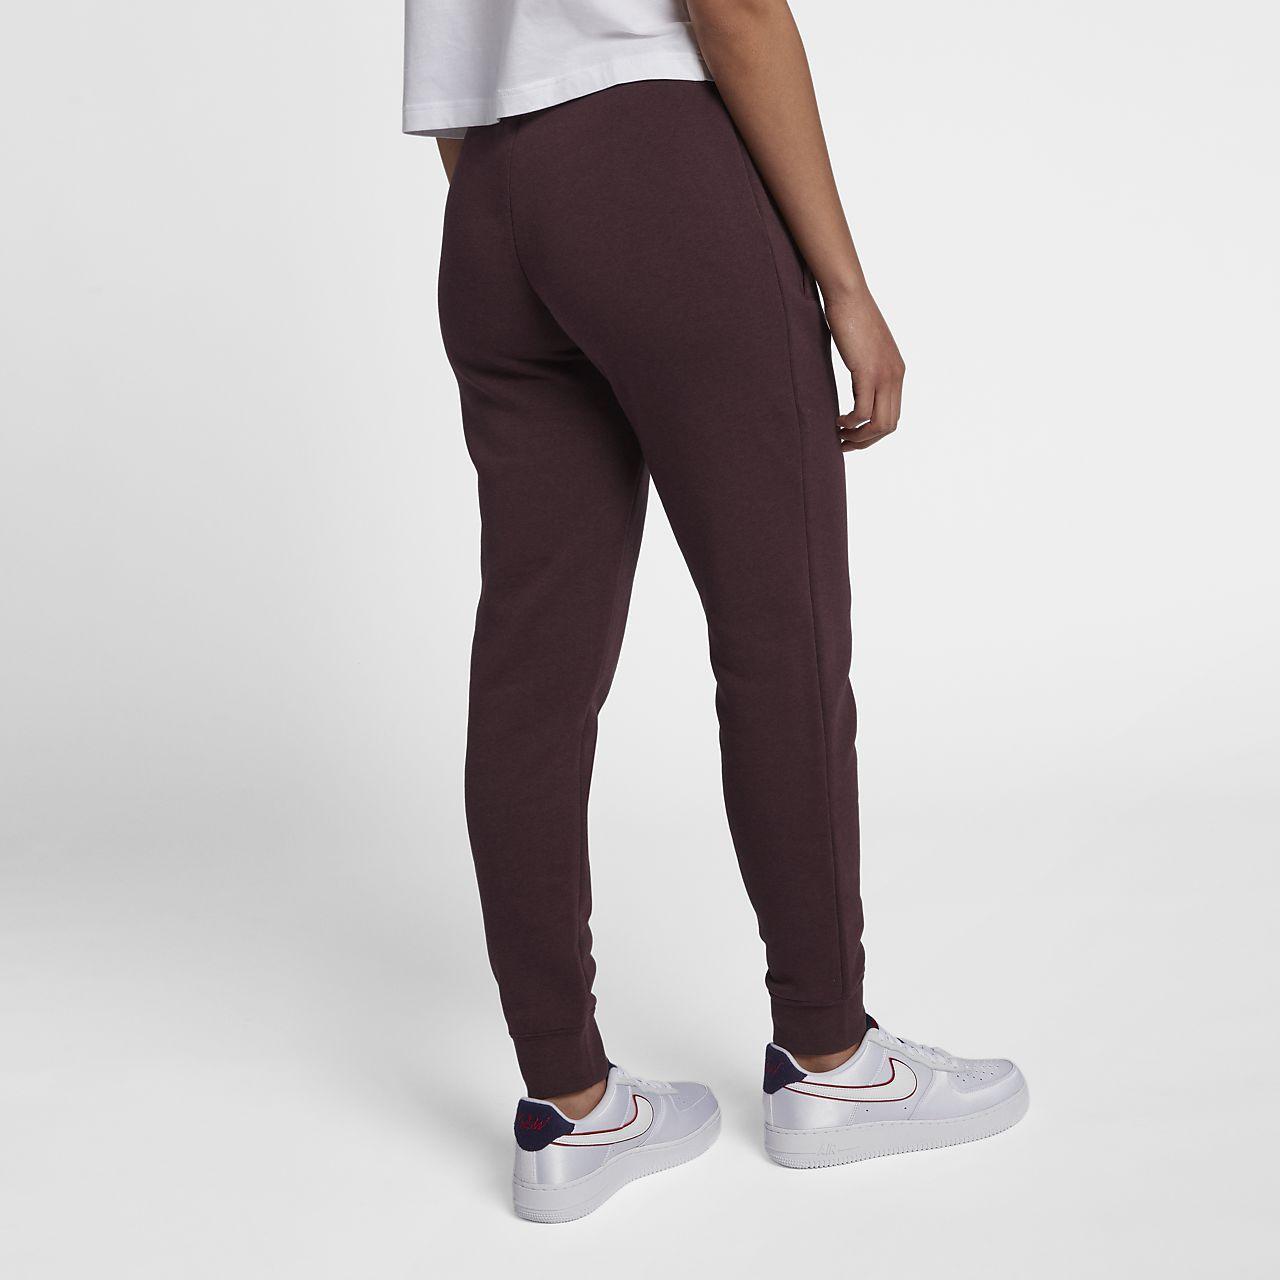 Sportswear Femme Nike Pour Pantalon Rally T3FJK1l5uc